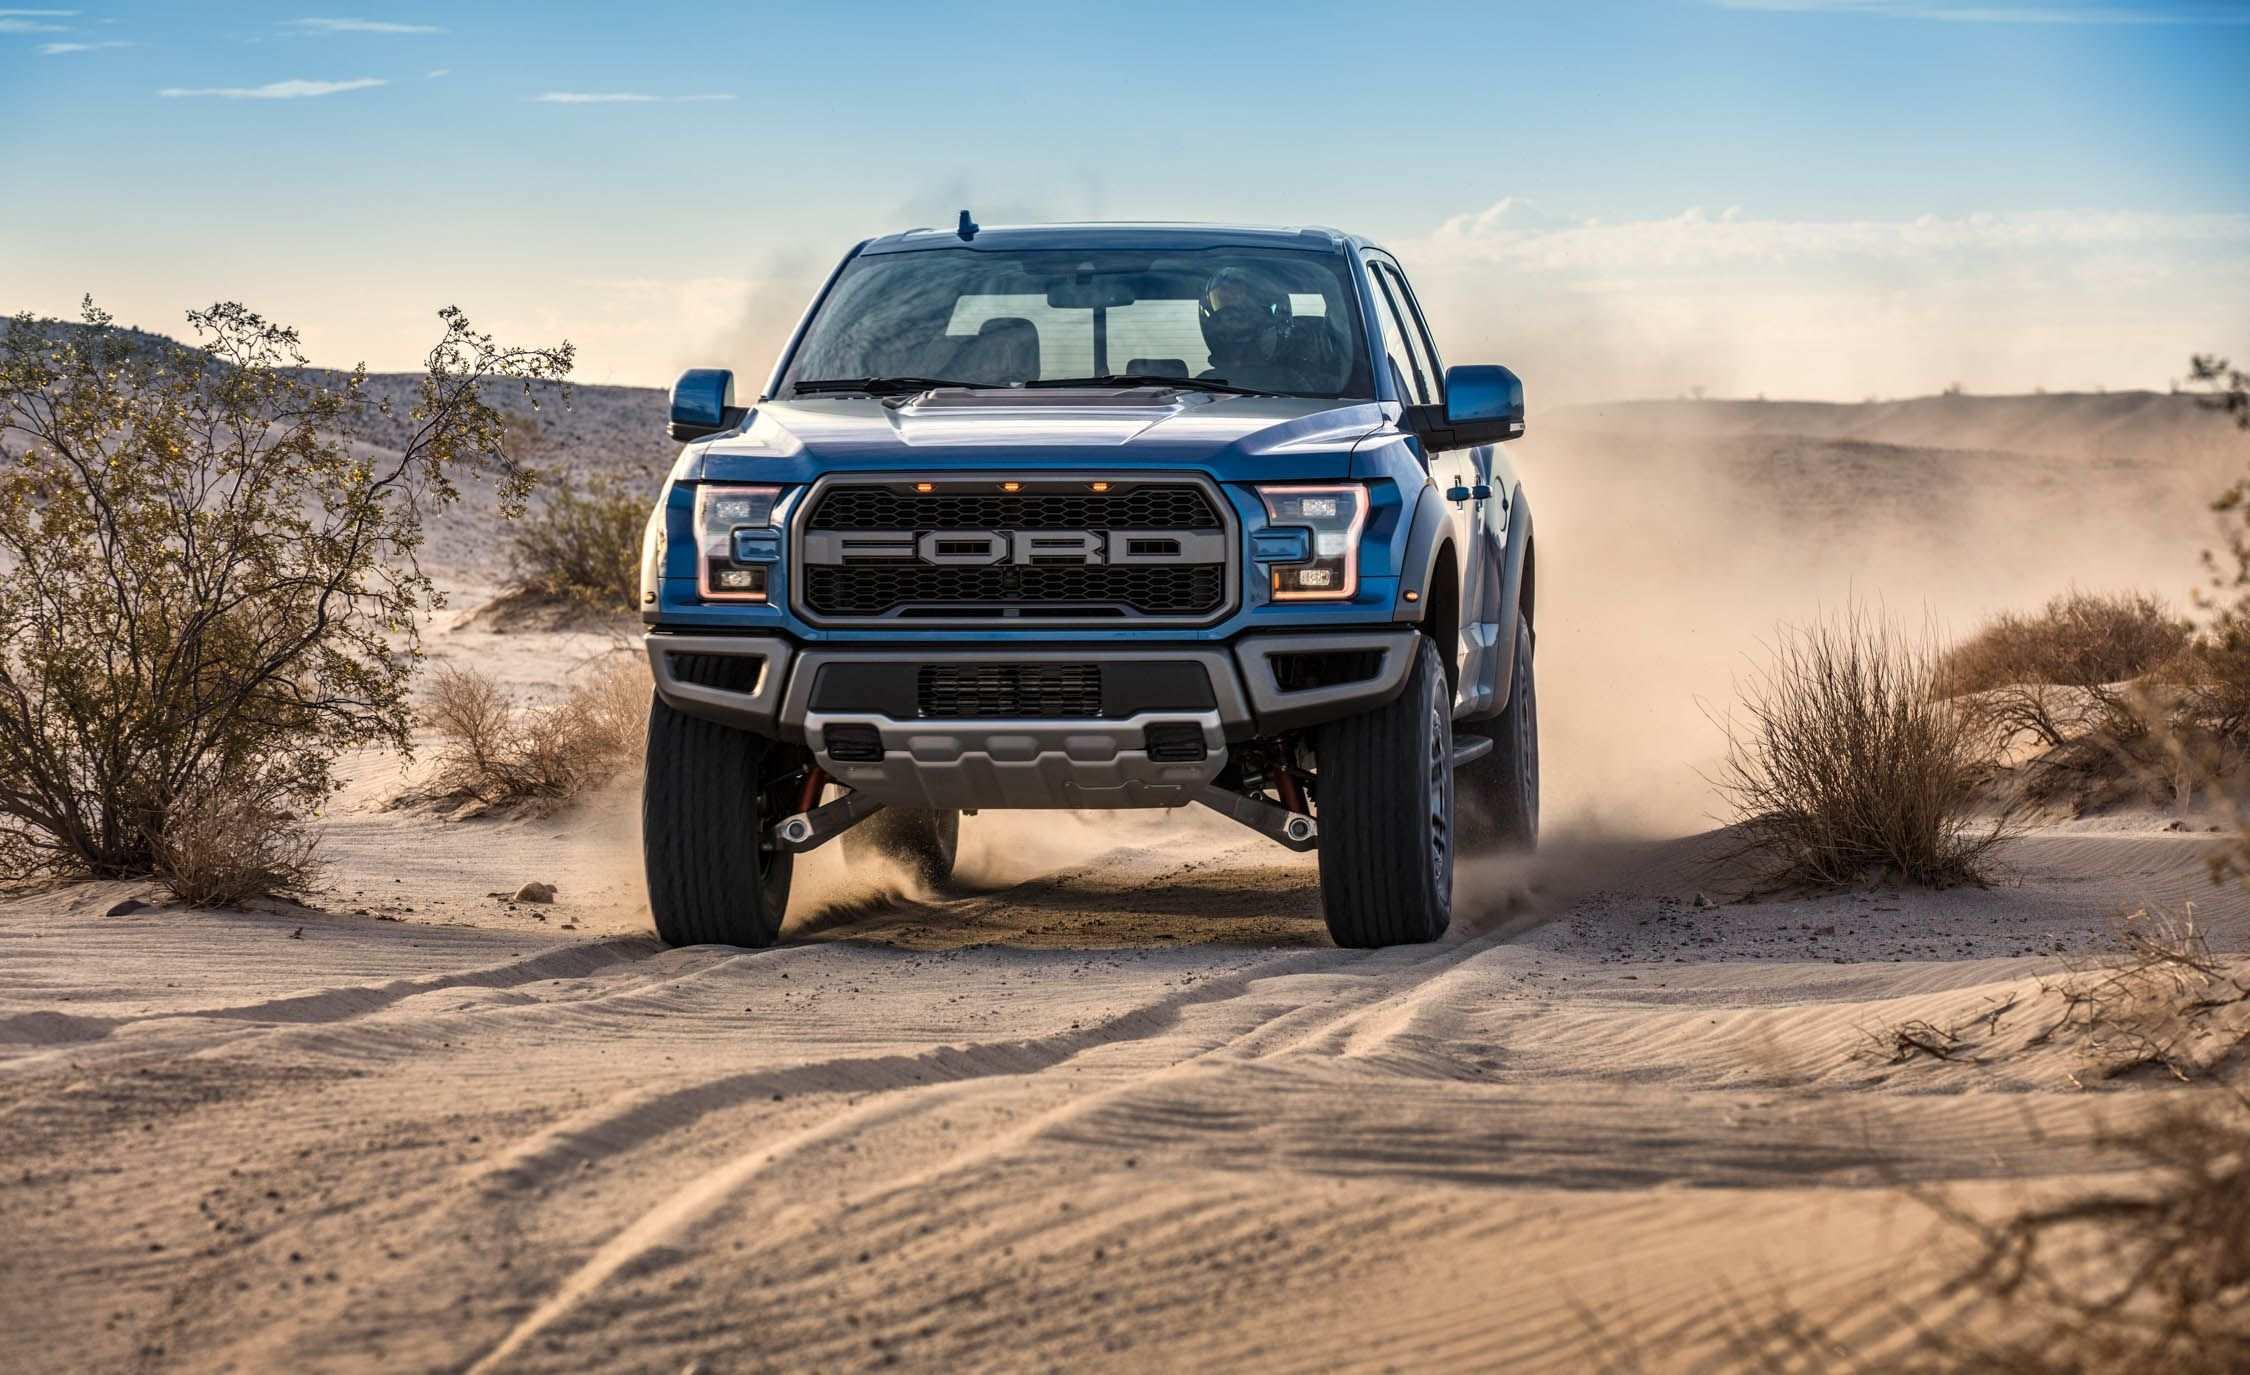 34 The 2019 Ford Velociraptor Price Concept for 2019 Ford Velociraptor Price